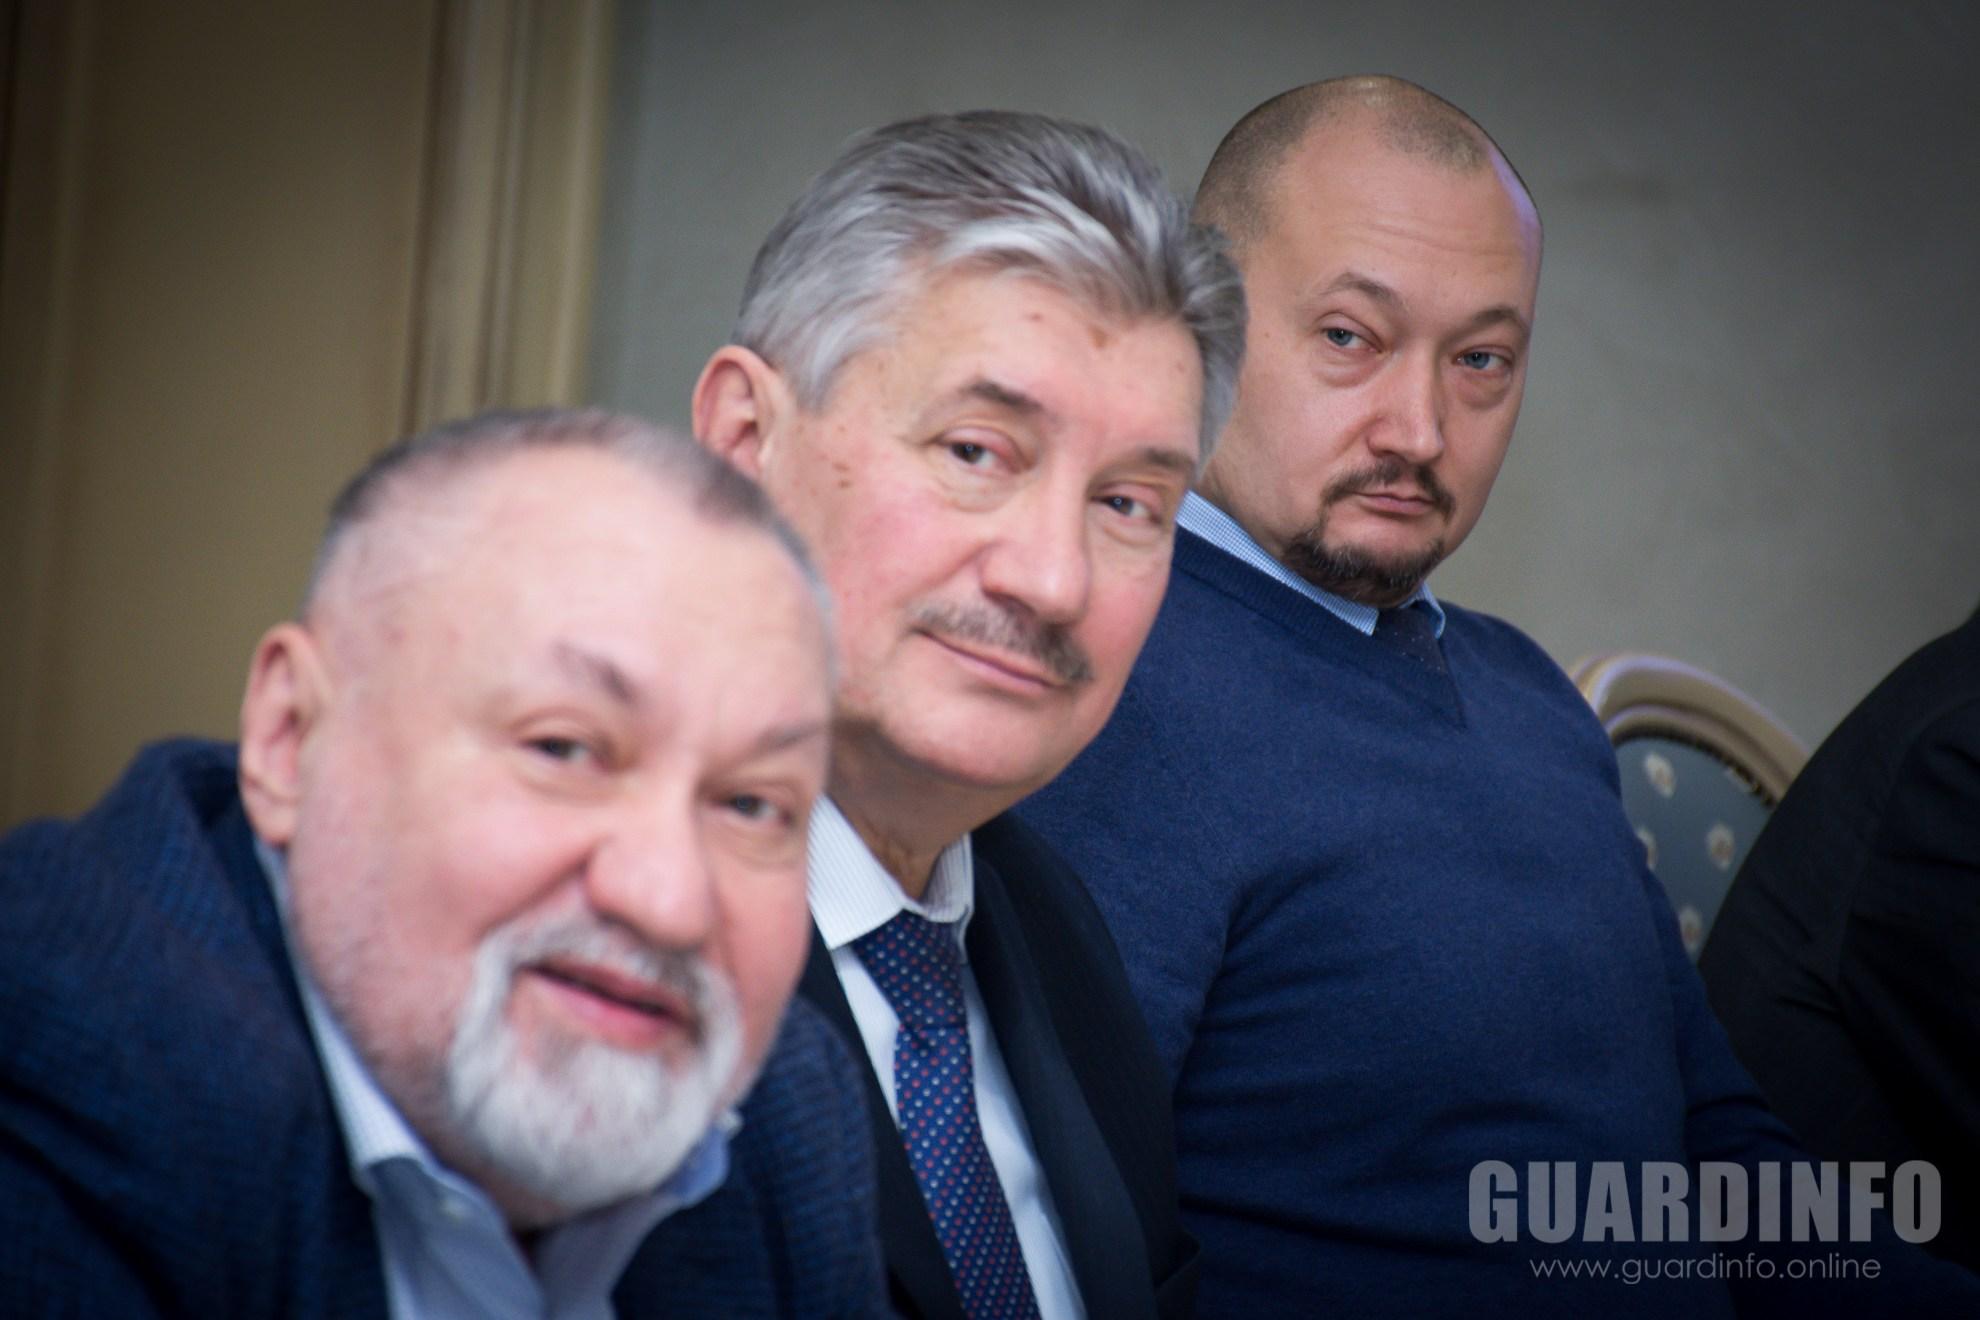 Вопросы стандартизации требований к обеспечению охраны и безопасности образовательных организаций обсудили на площадке Общественной палаты Российской Федерации (+ видео) | ГардИнфо